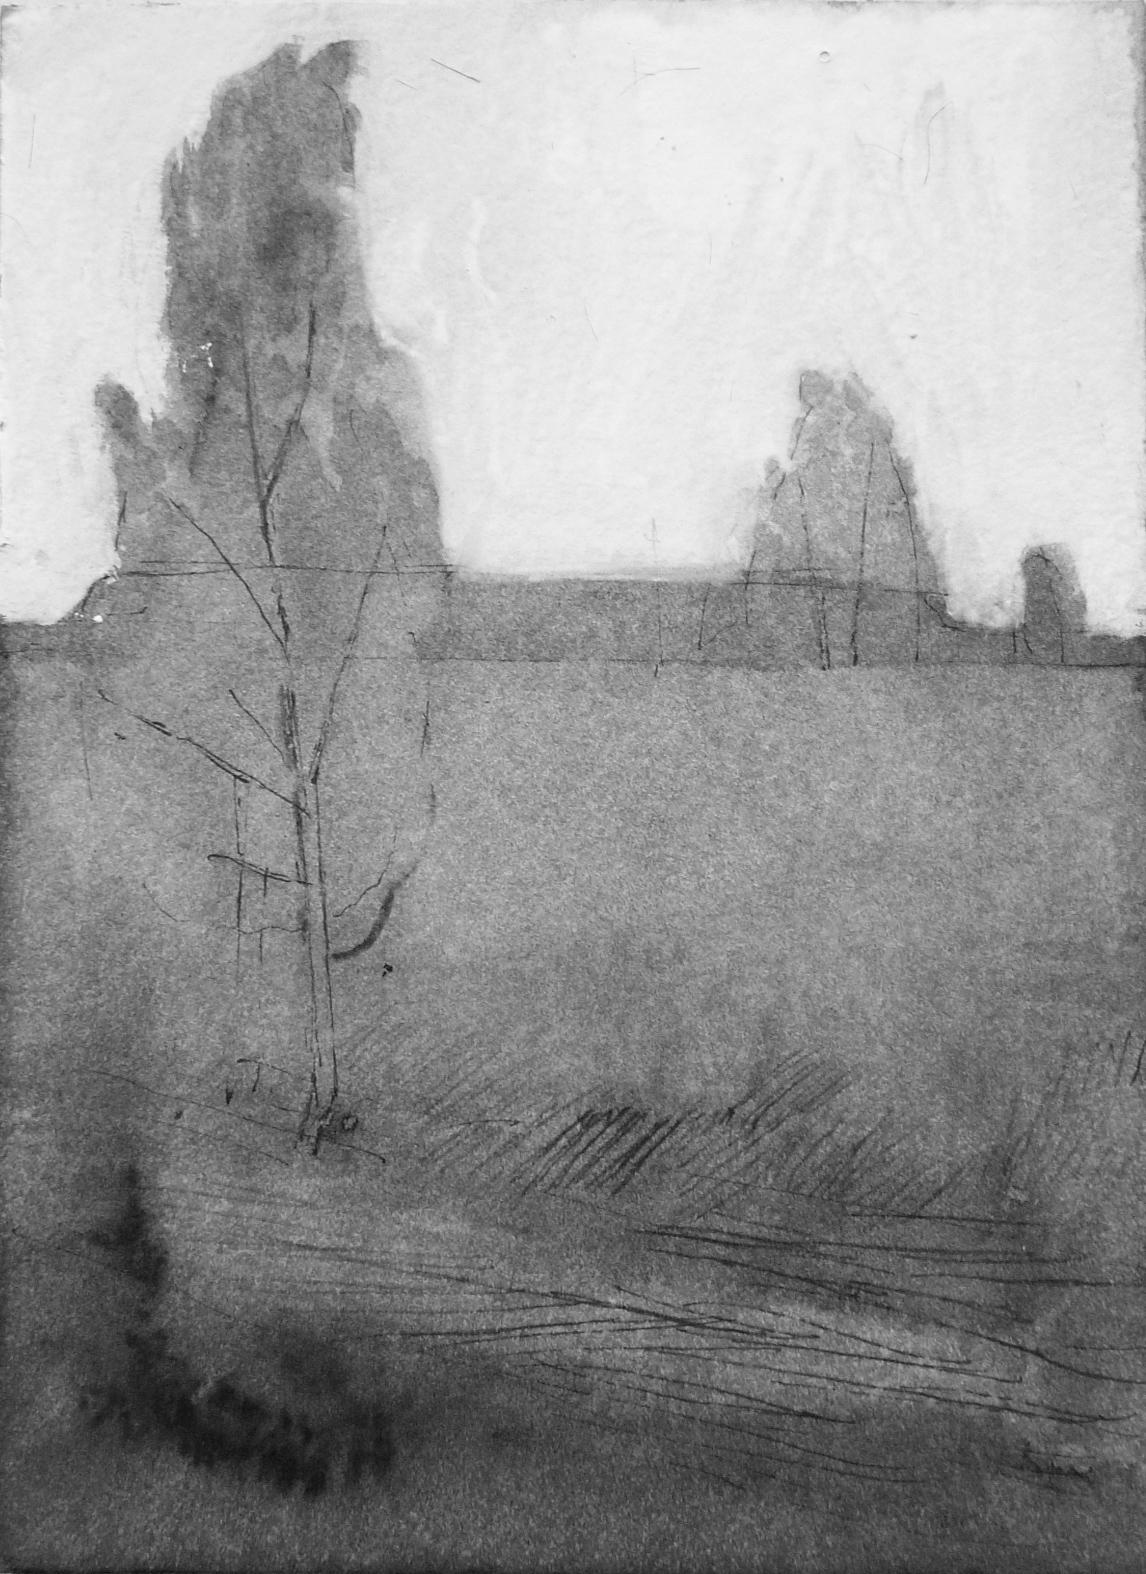 B&W vertical 2-23. Ink, paper. 15x10cm. 2014